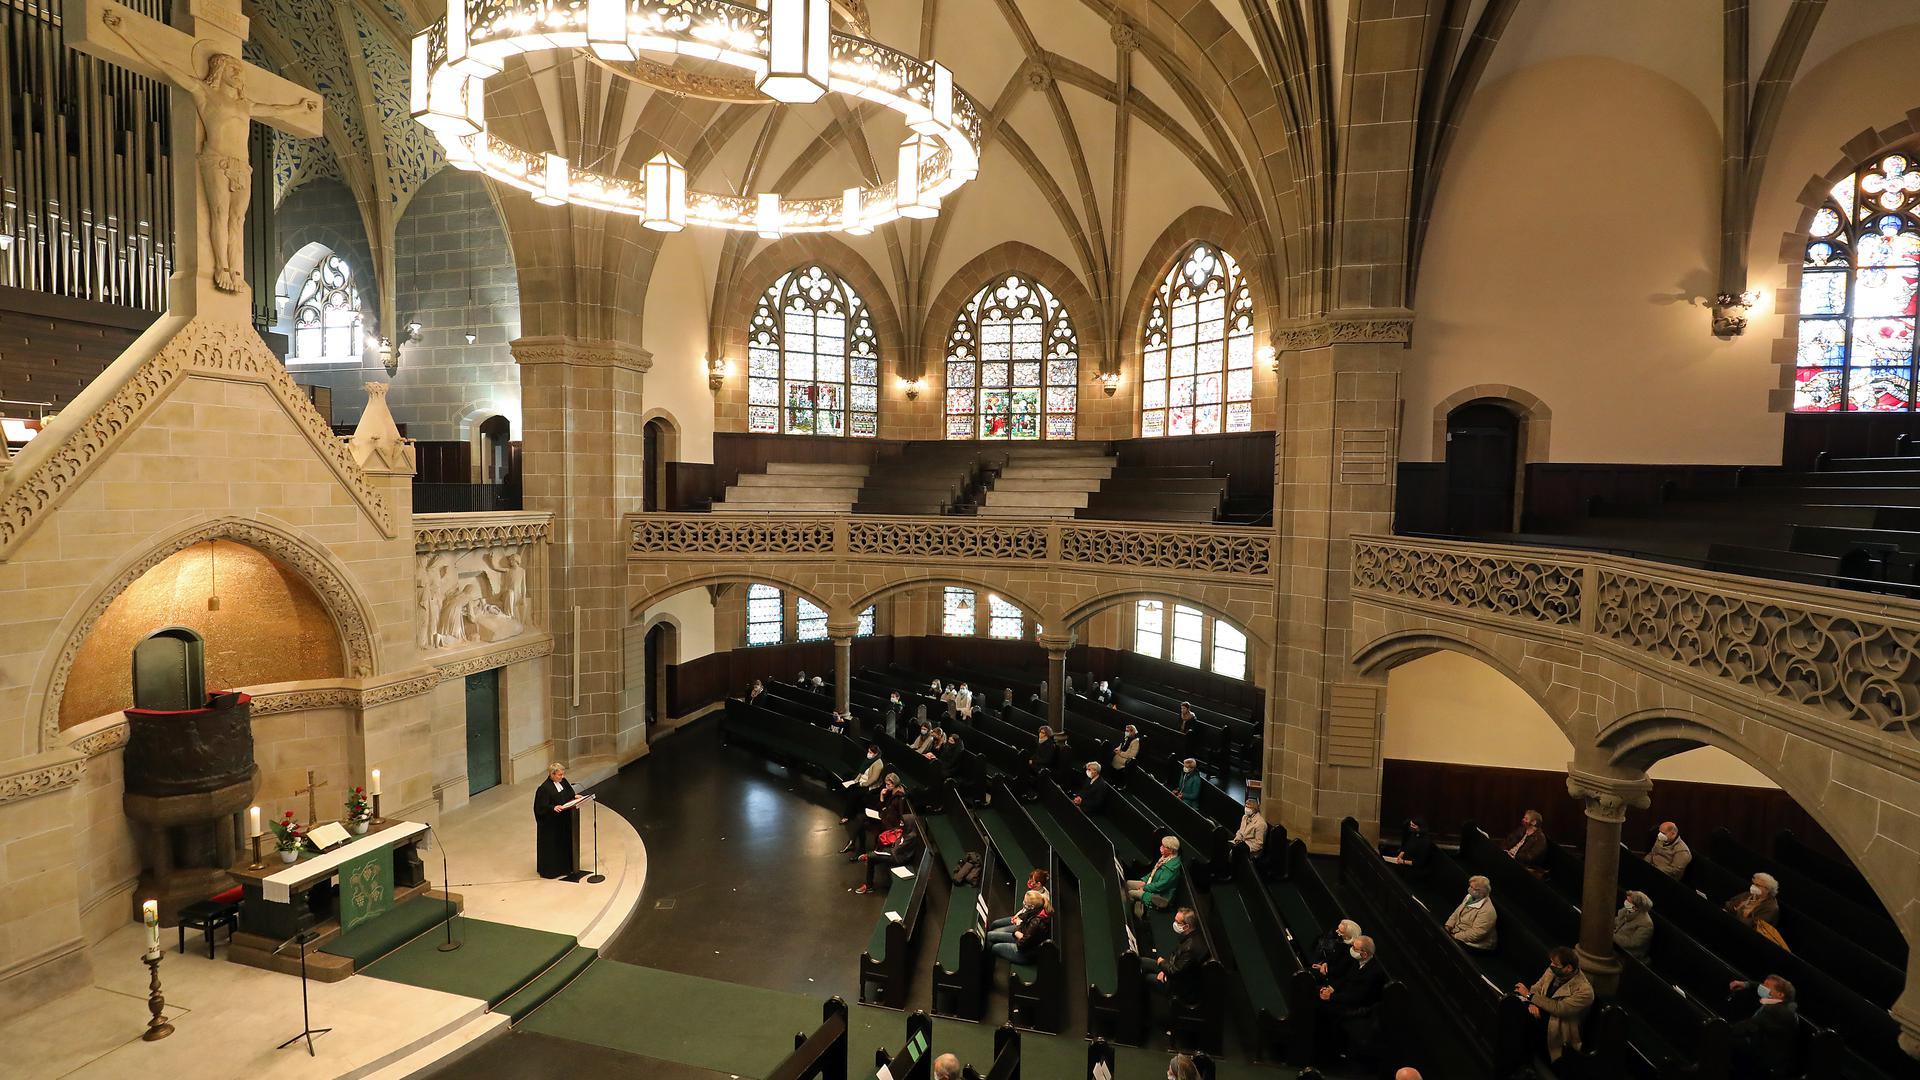 Neuorganisation: Die Evangelische Kirche in Karlsruhe - im Bild die Christuskirche - steht vor umfassenden Veränderungen. An der Basis werden sie leidenschaftlich diskutiert.